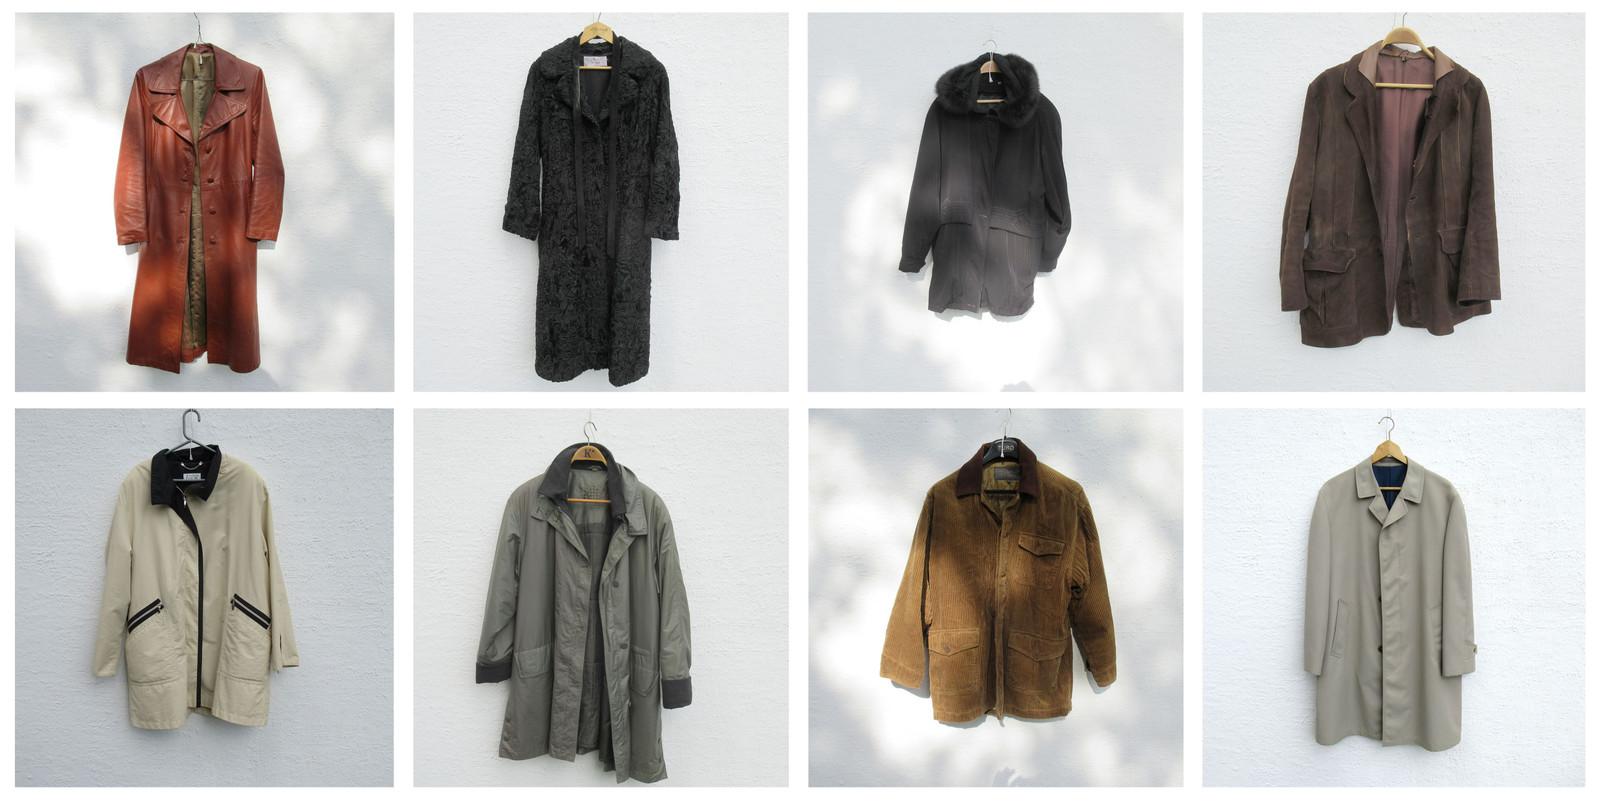 cf68ed2b 8 ulike jakker og frakker og en pels (1/28)